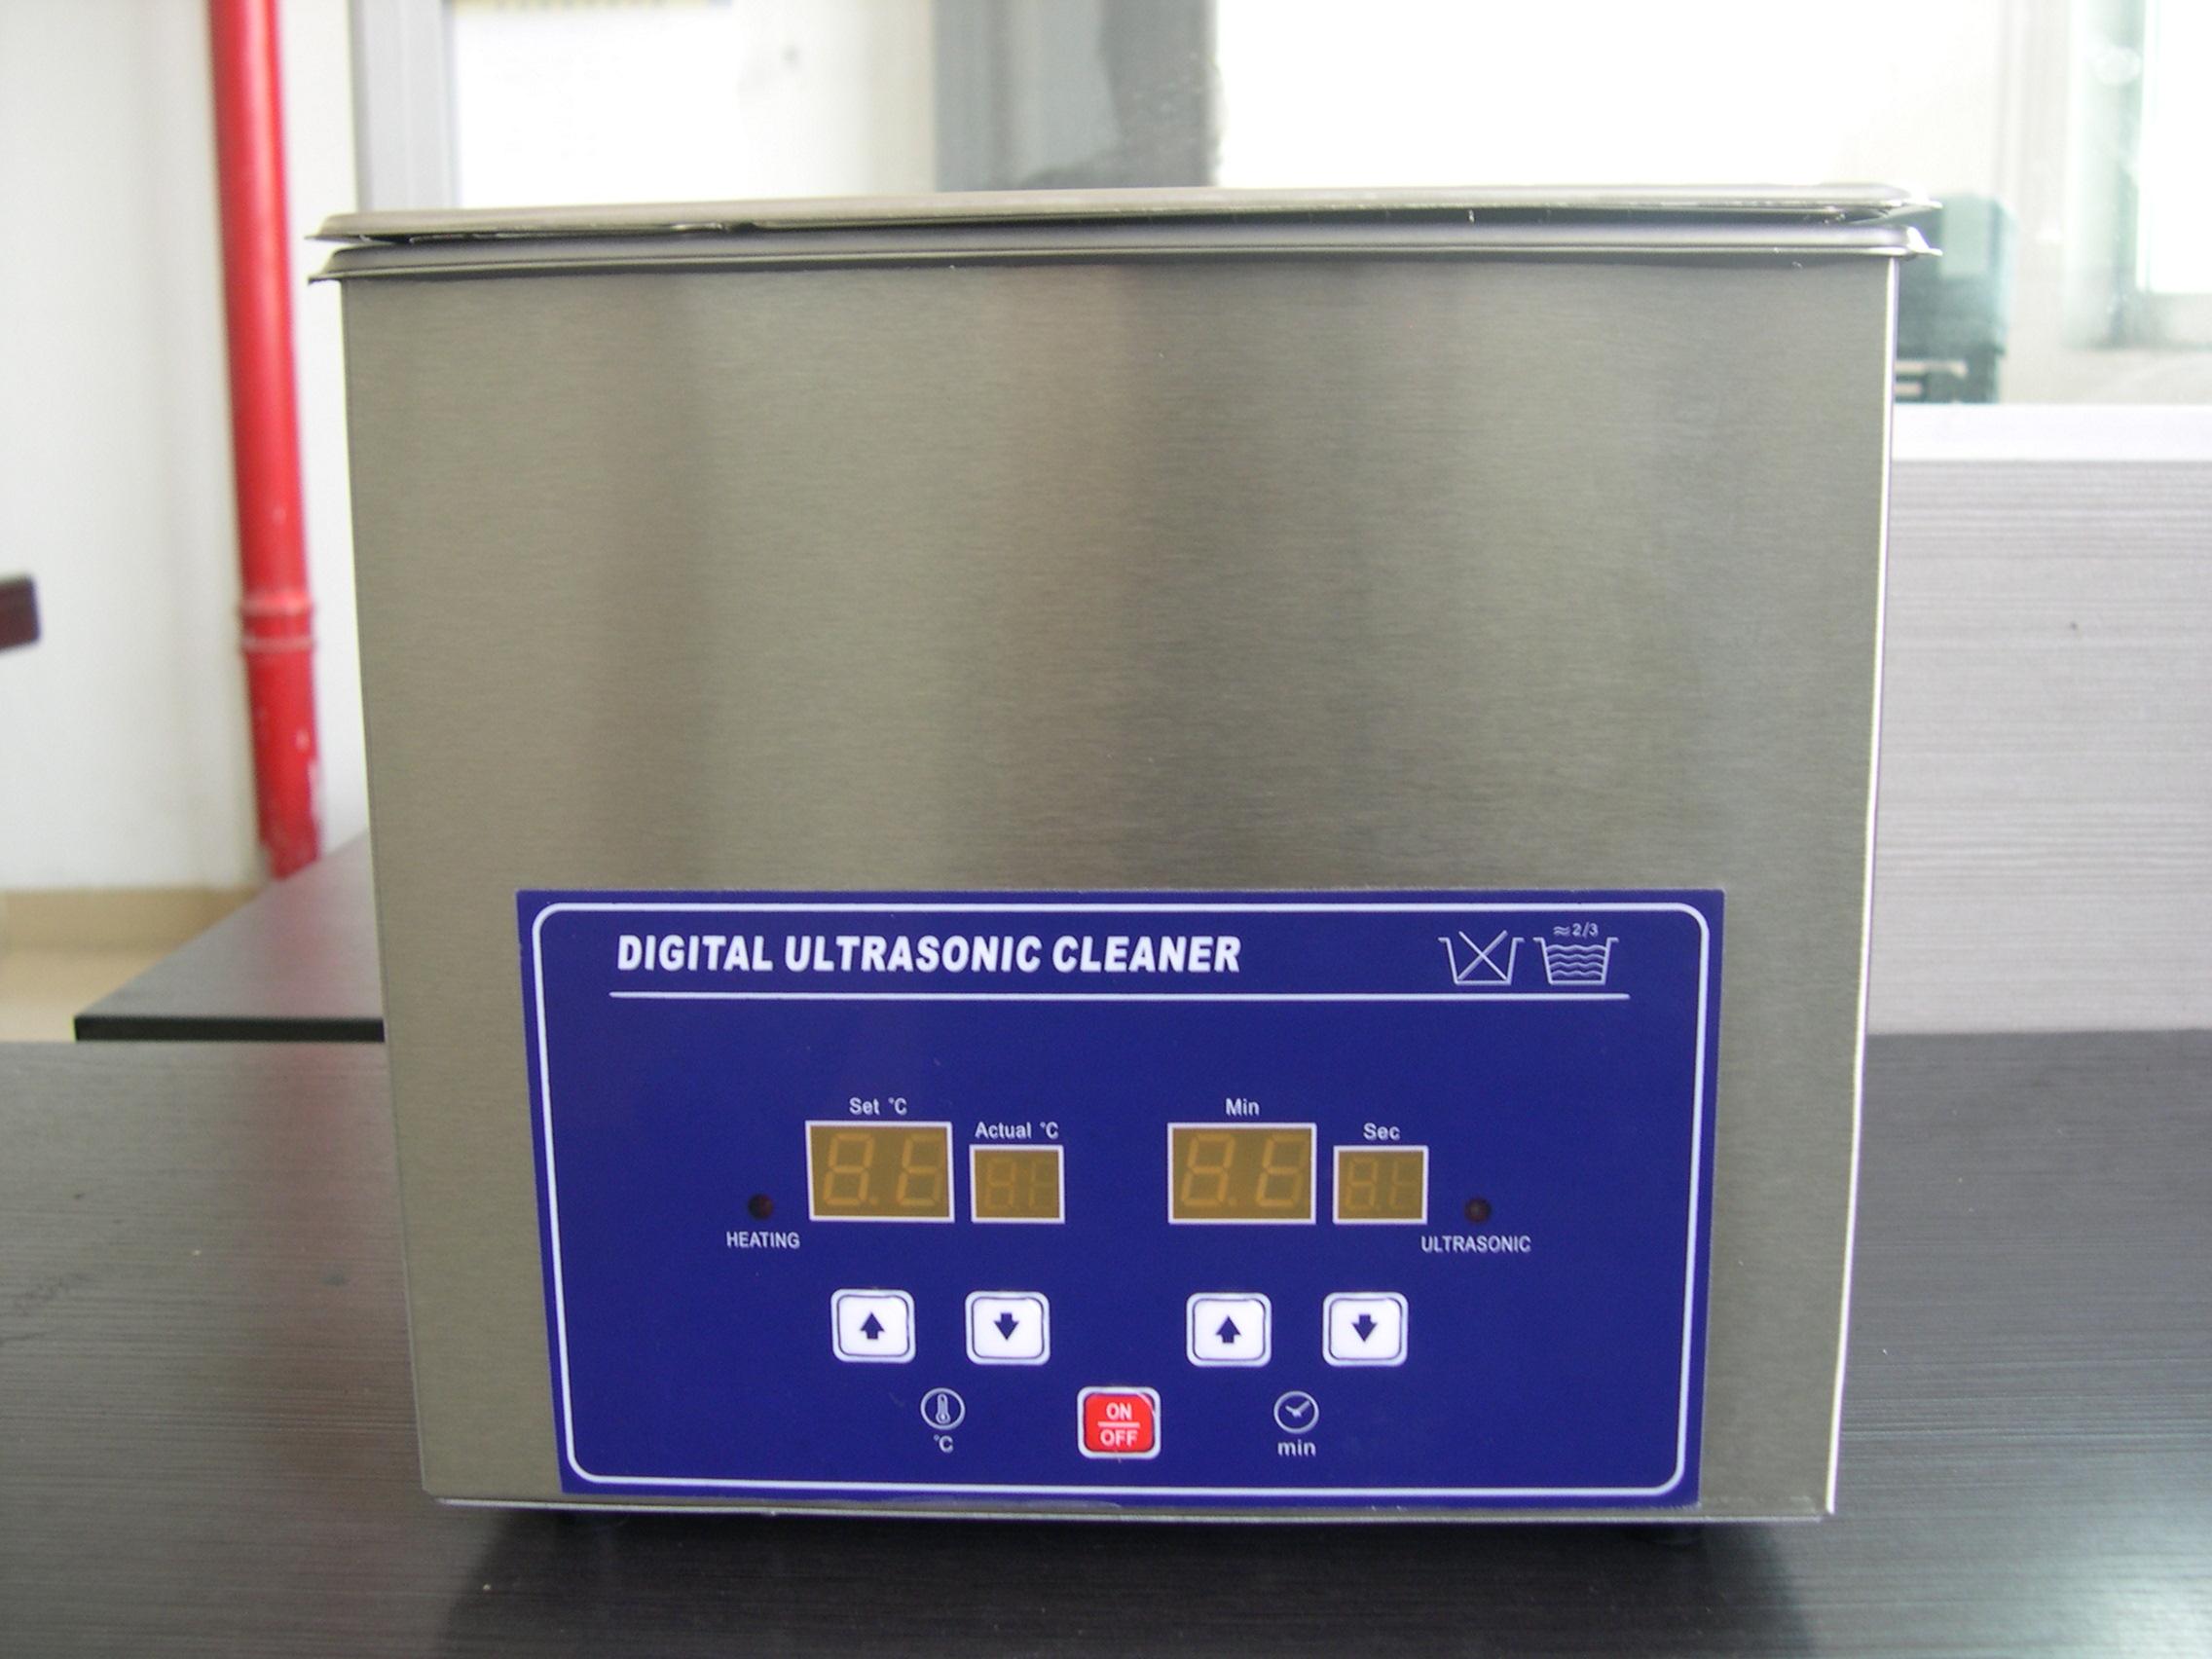 ps-20a 数字型超声波清洗机(全不锈钢制作带加热,定时) 特点: 使用